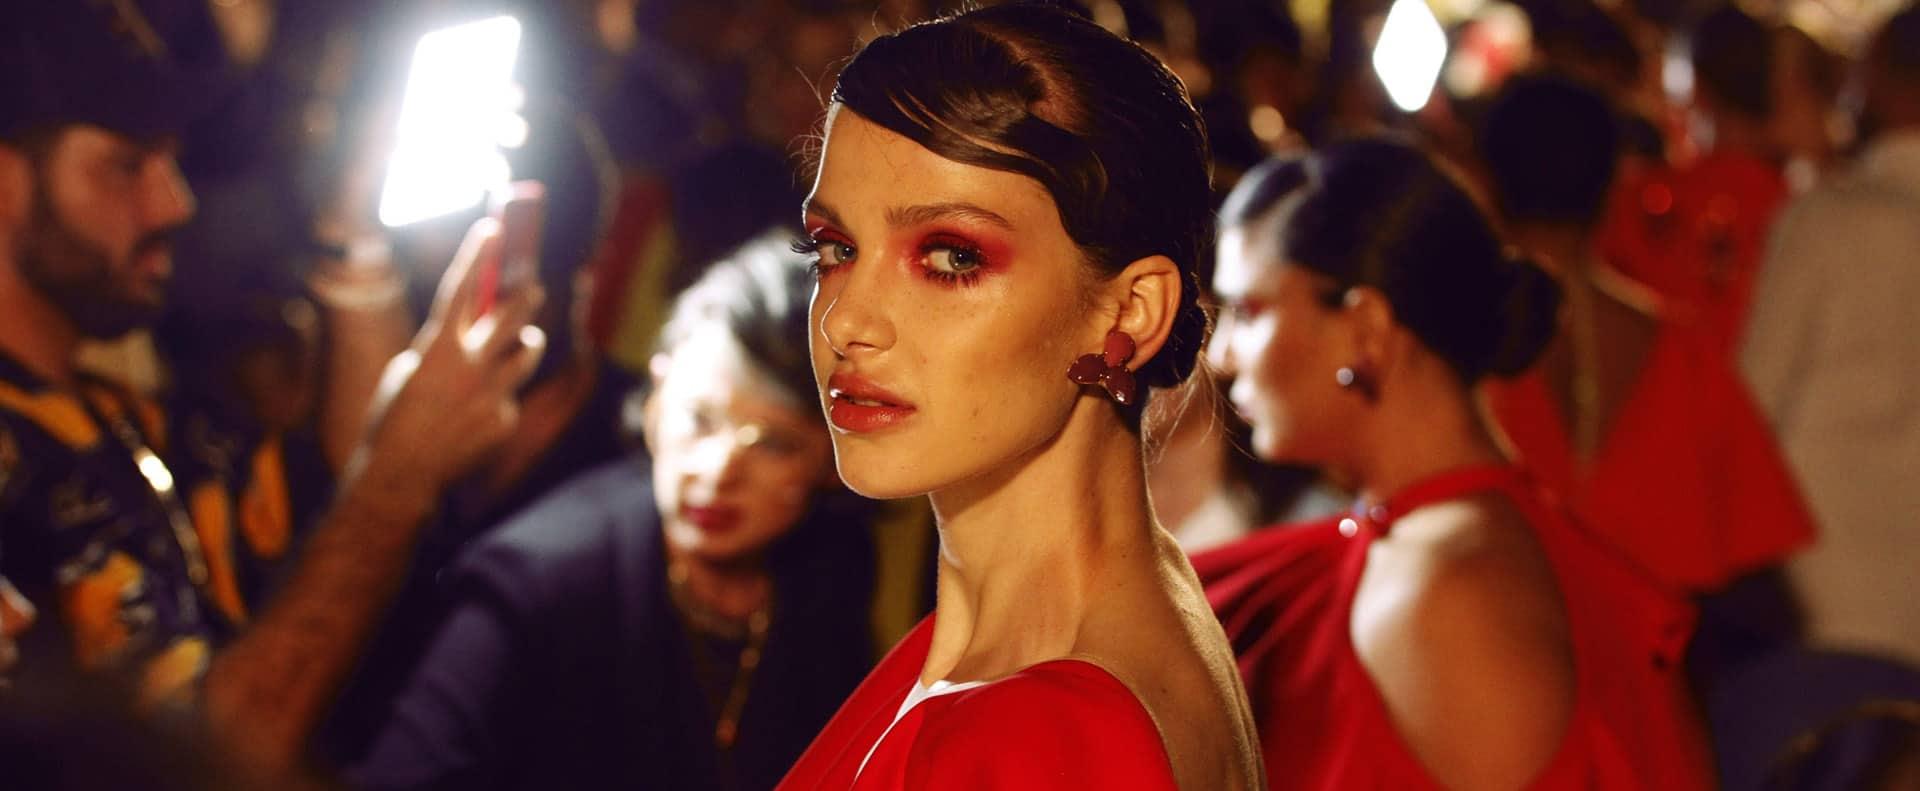 דרור קונטנטו, עומר רביבי שבוע האופנה תל אביב